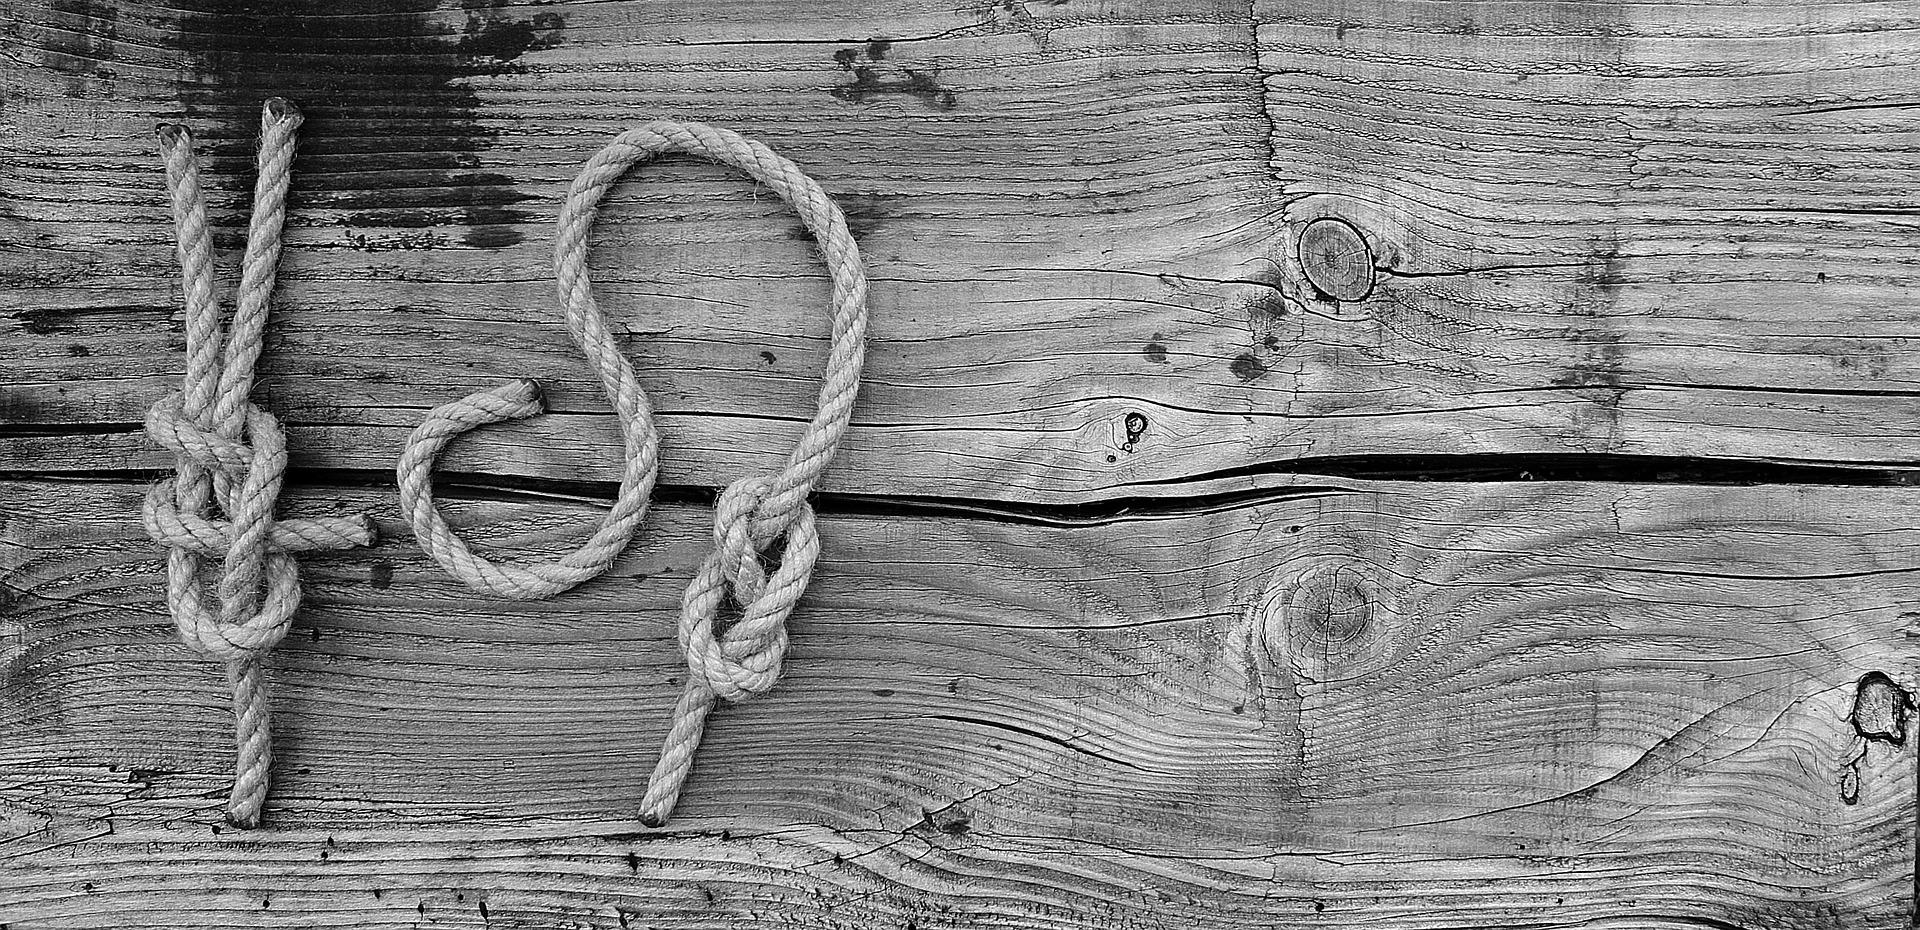 nudos, nudos marineros, nudos en náutica, náutica, navegación, amarre, seguridad, as de guía, ballestrinque, nudo llano, ocho, puerto deportivo, Marina Port Premià, Premià de Mar,